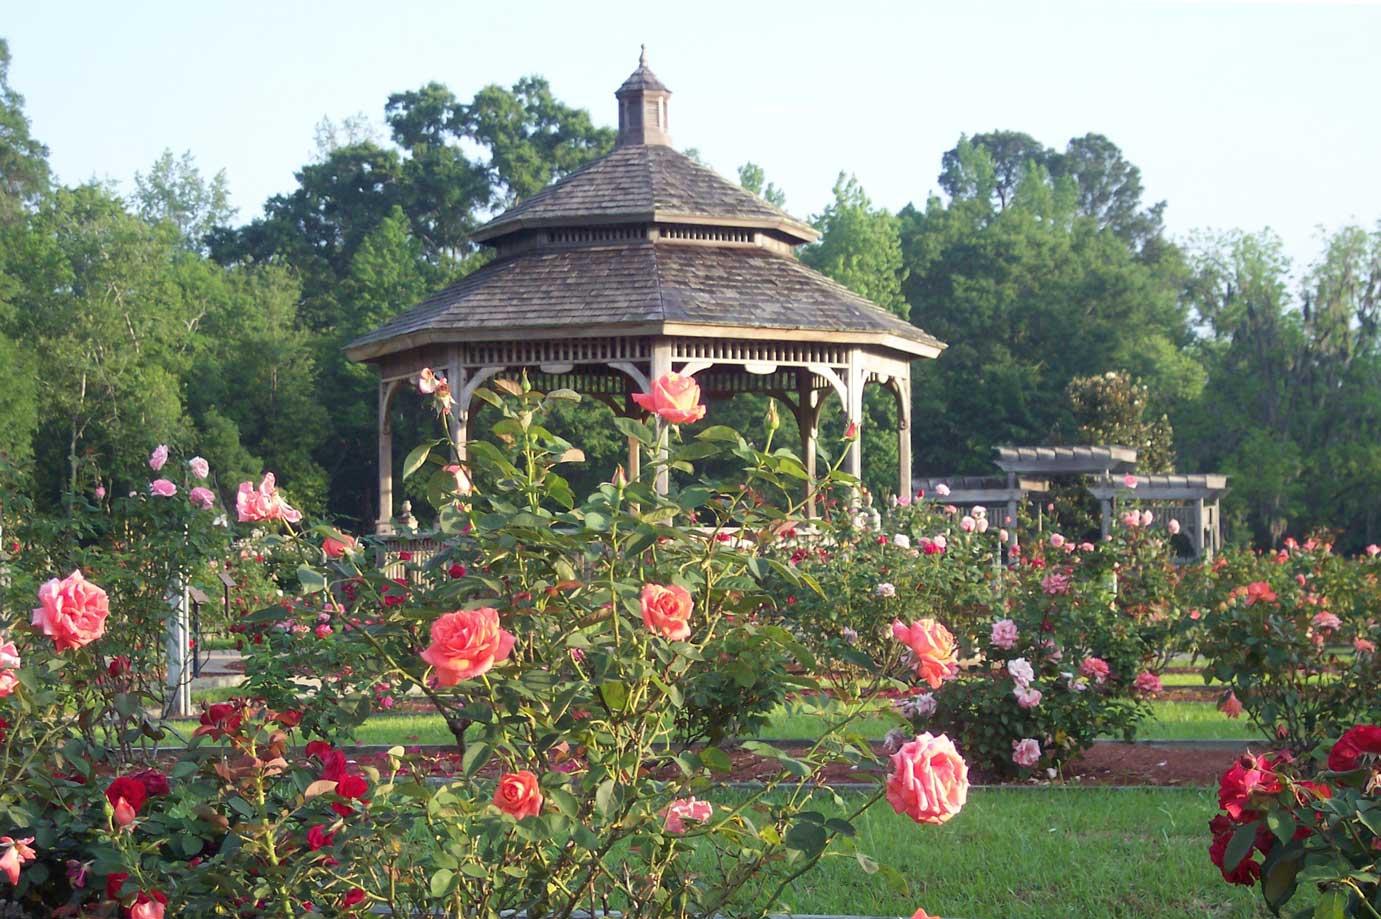 Visit Thomasville's Rose Garden